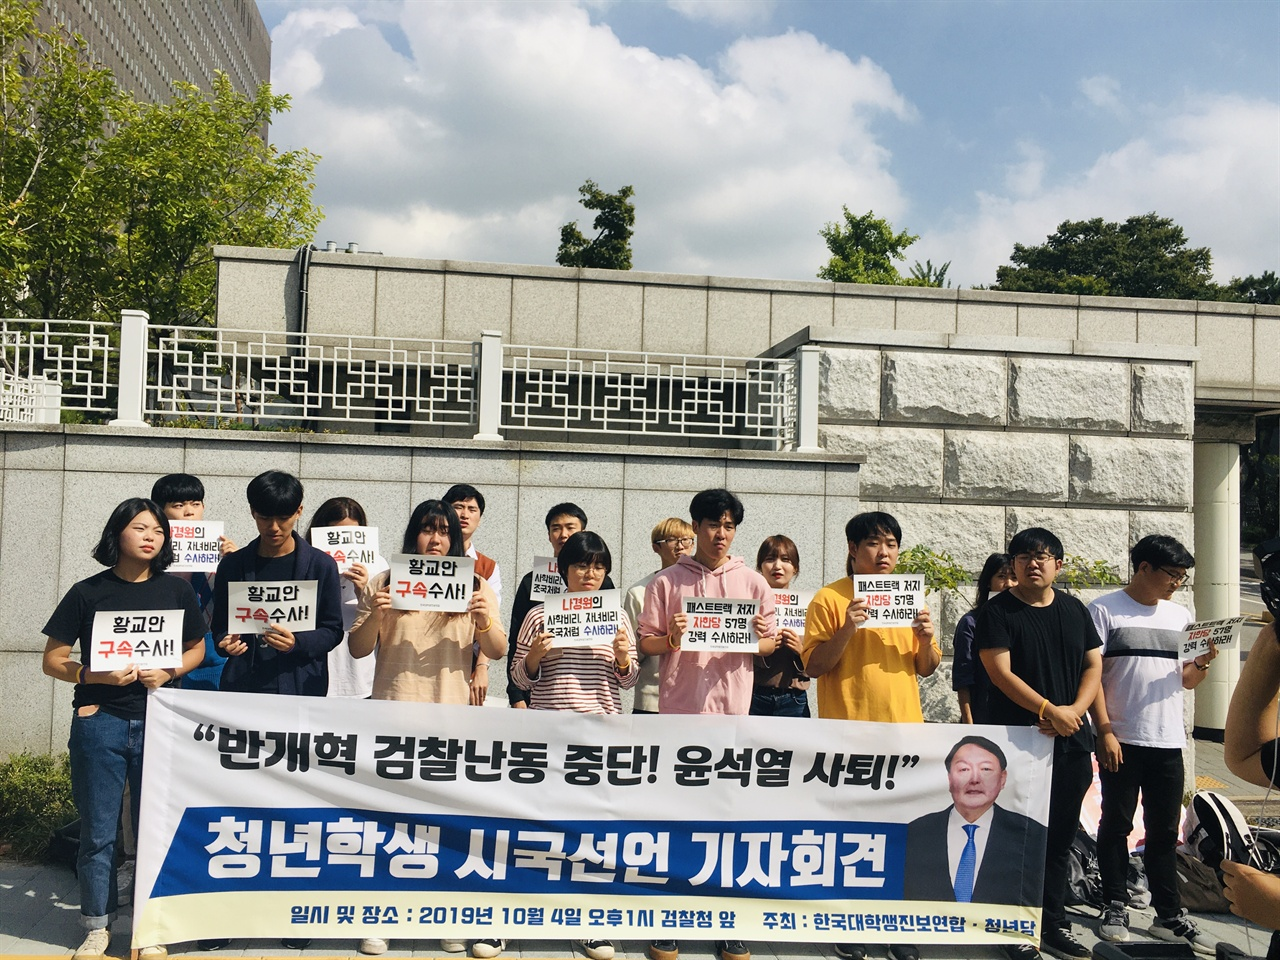 한국대학생진보연합과 청년당이 검찰청 앞에서 기자회견을 진행하고 있다